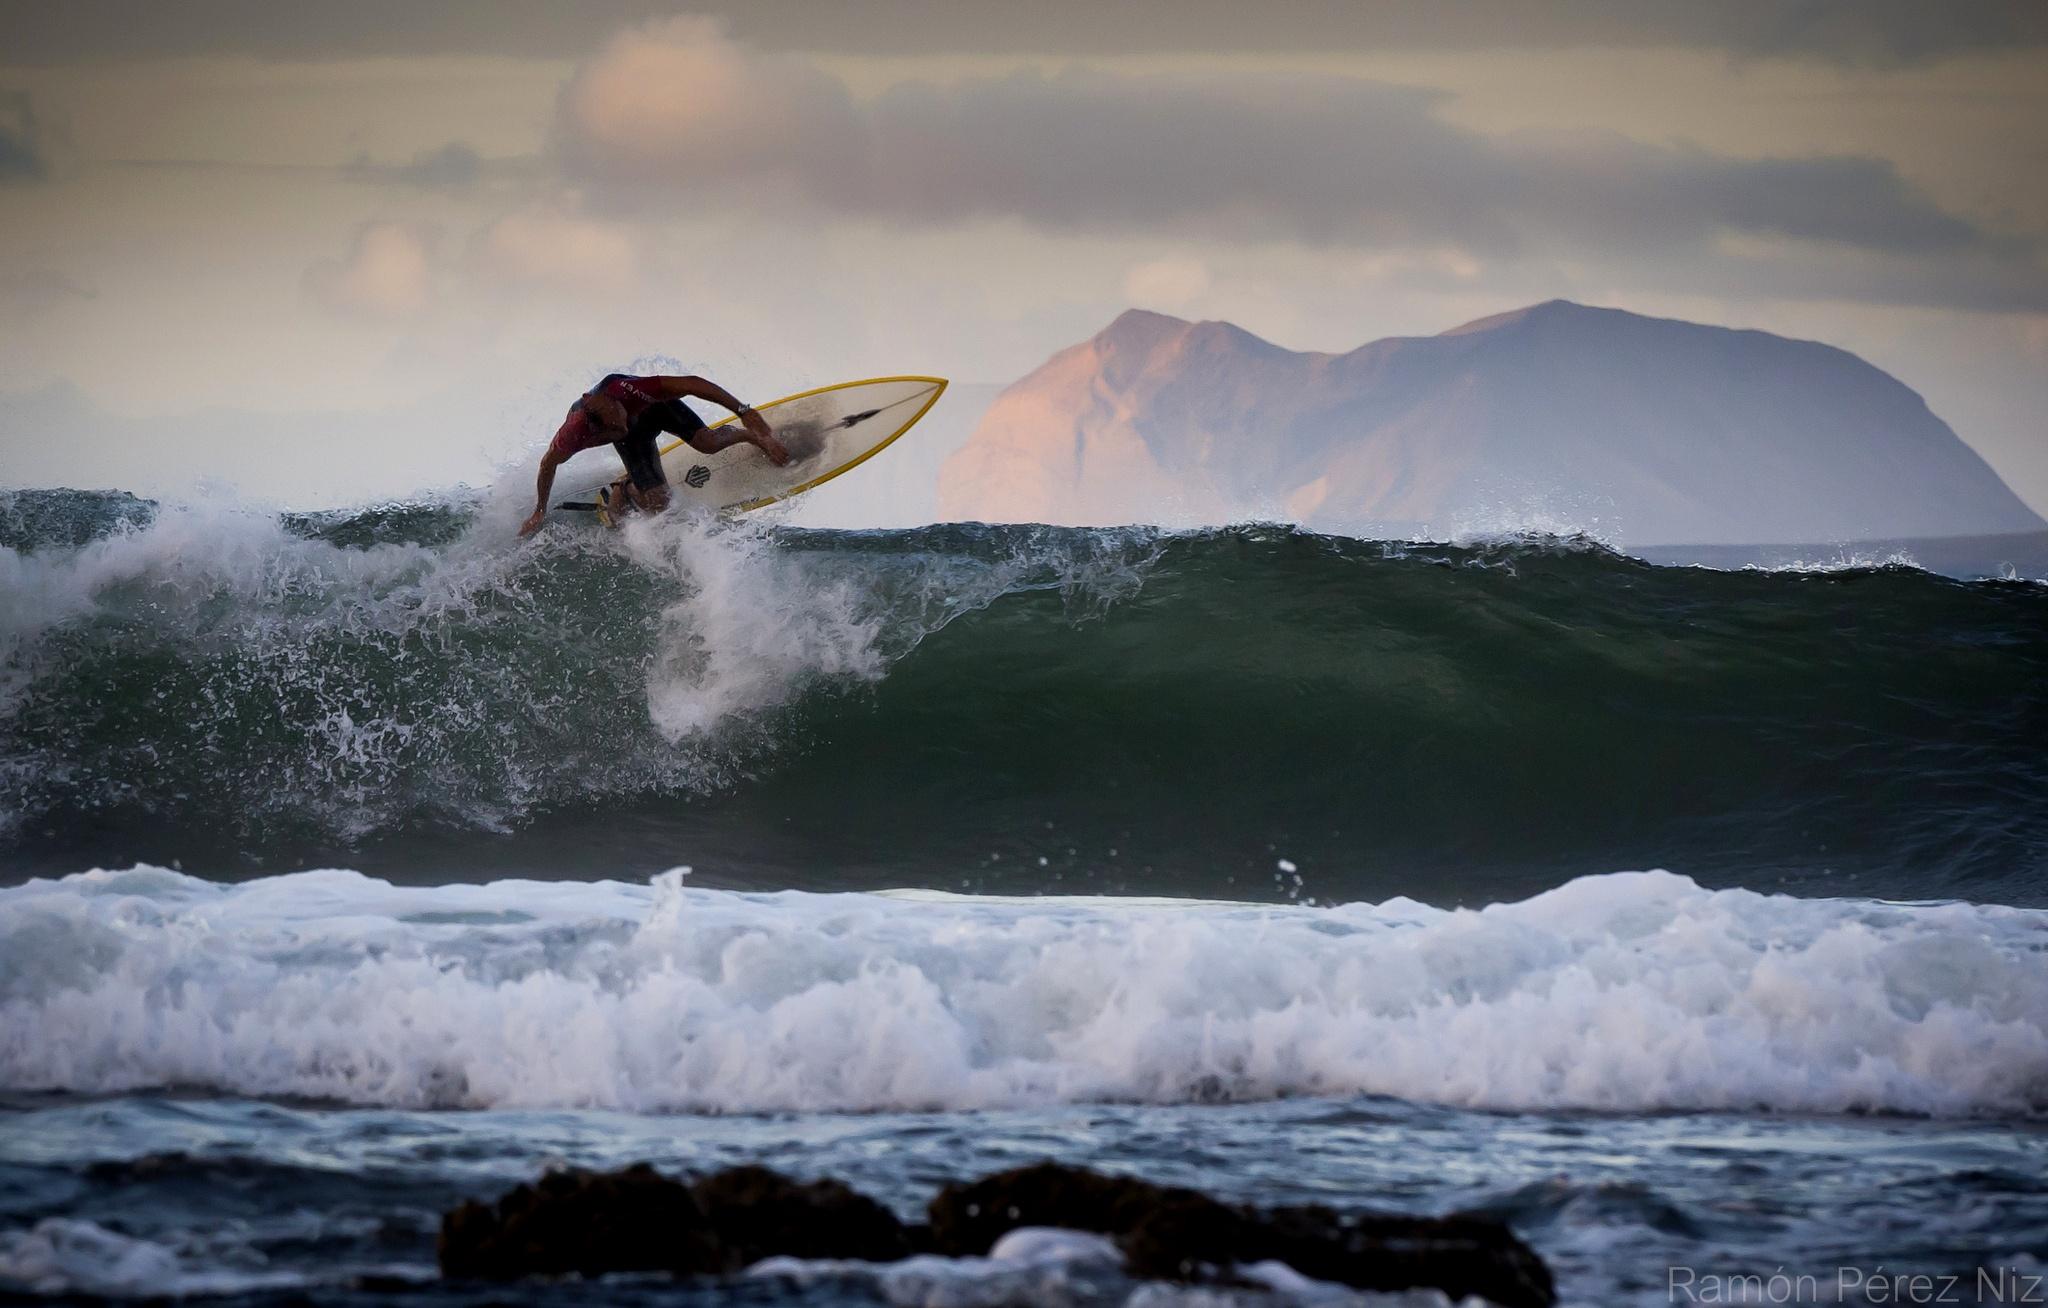 Foto de Ramón Pérez Niz. Surf.